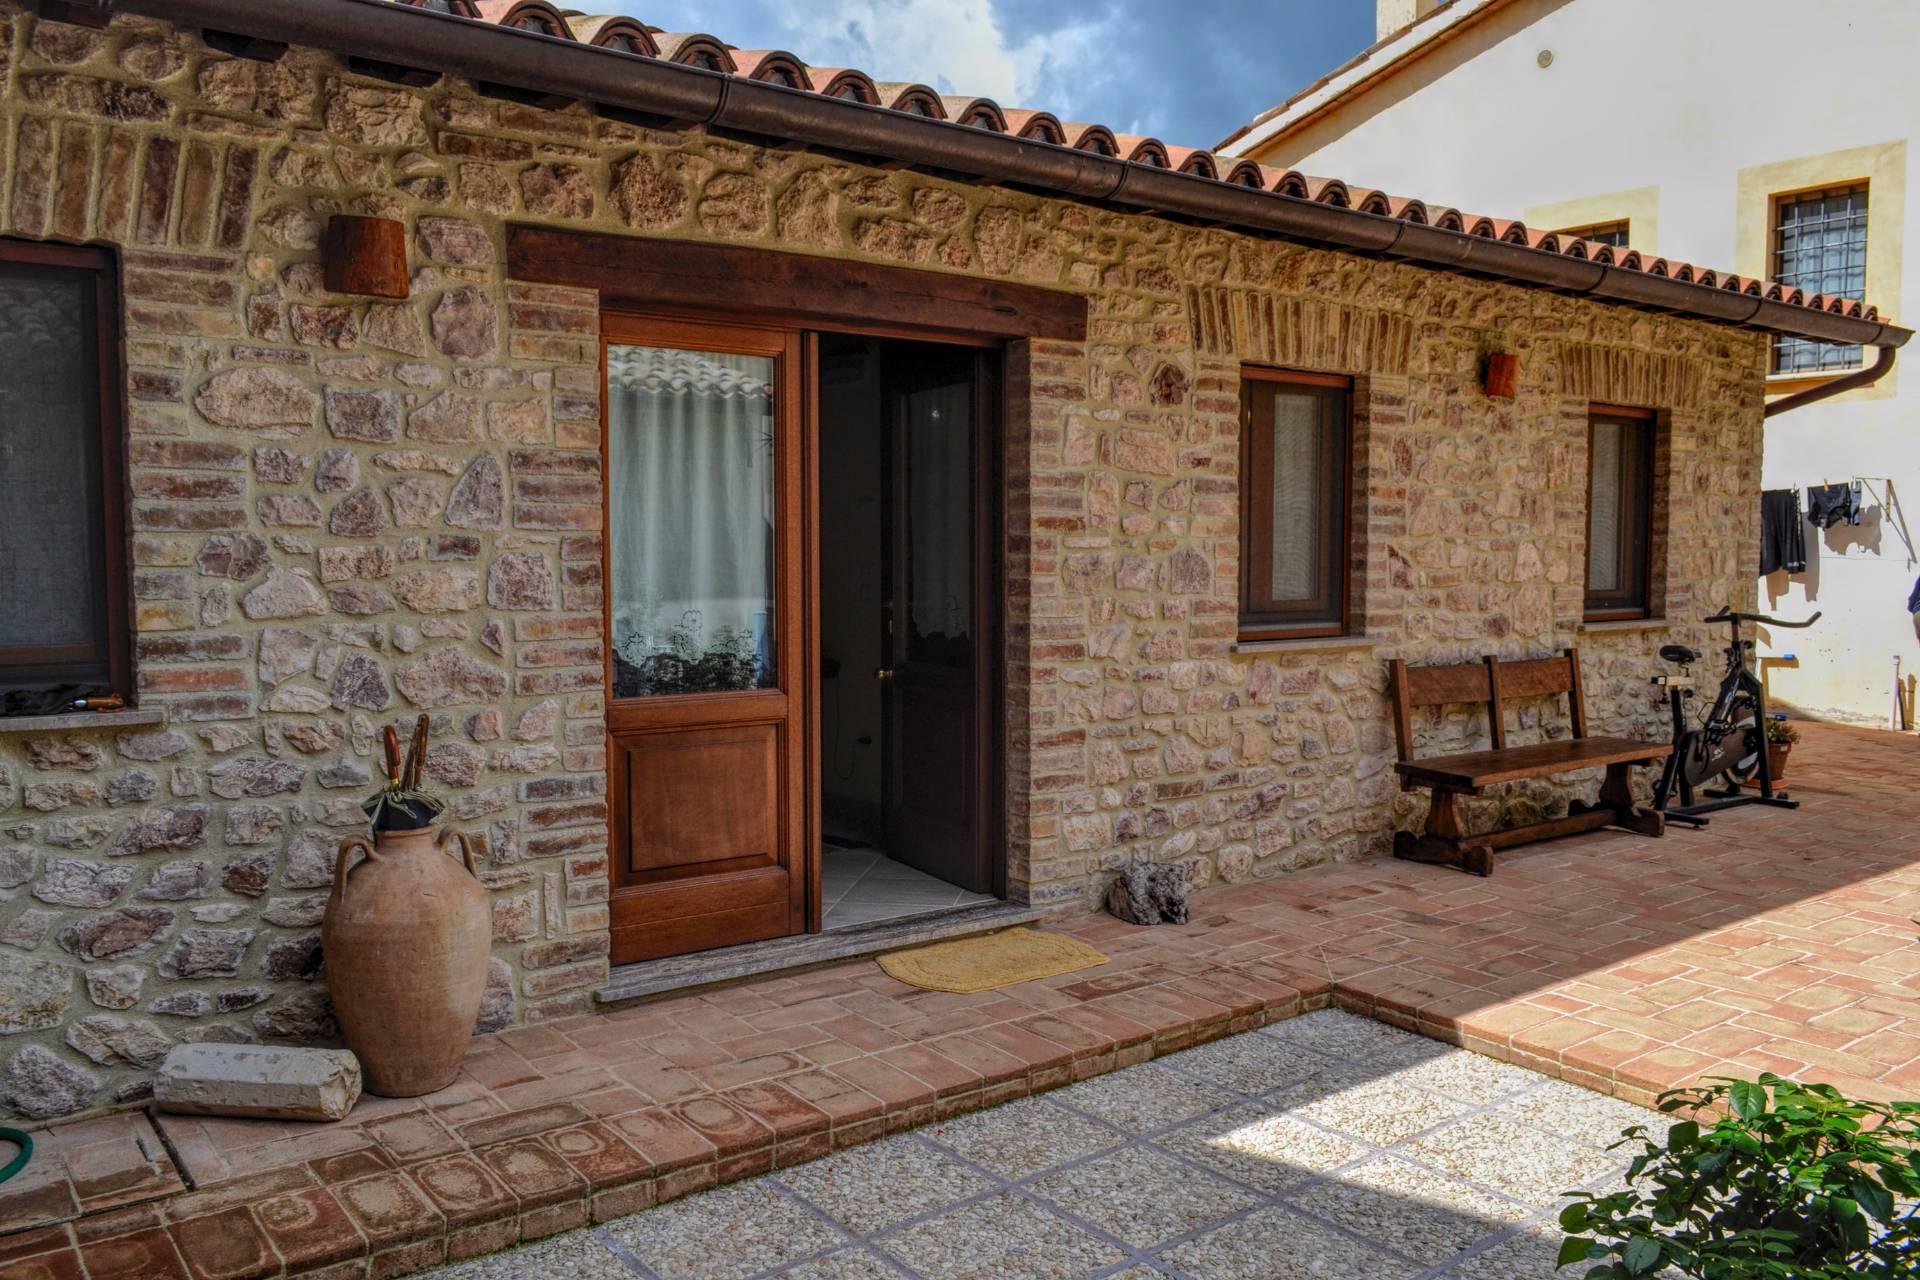 Appartamento in vendita a Giano dell'Umbria, 2 locali, prezzo € 60.000   CambioCasa.it